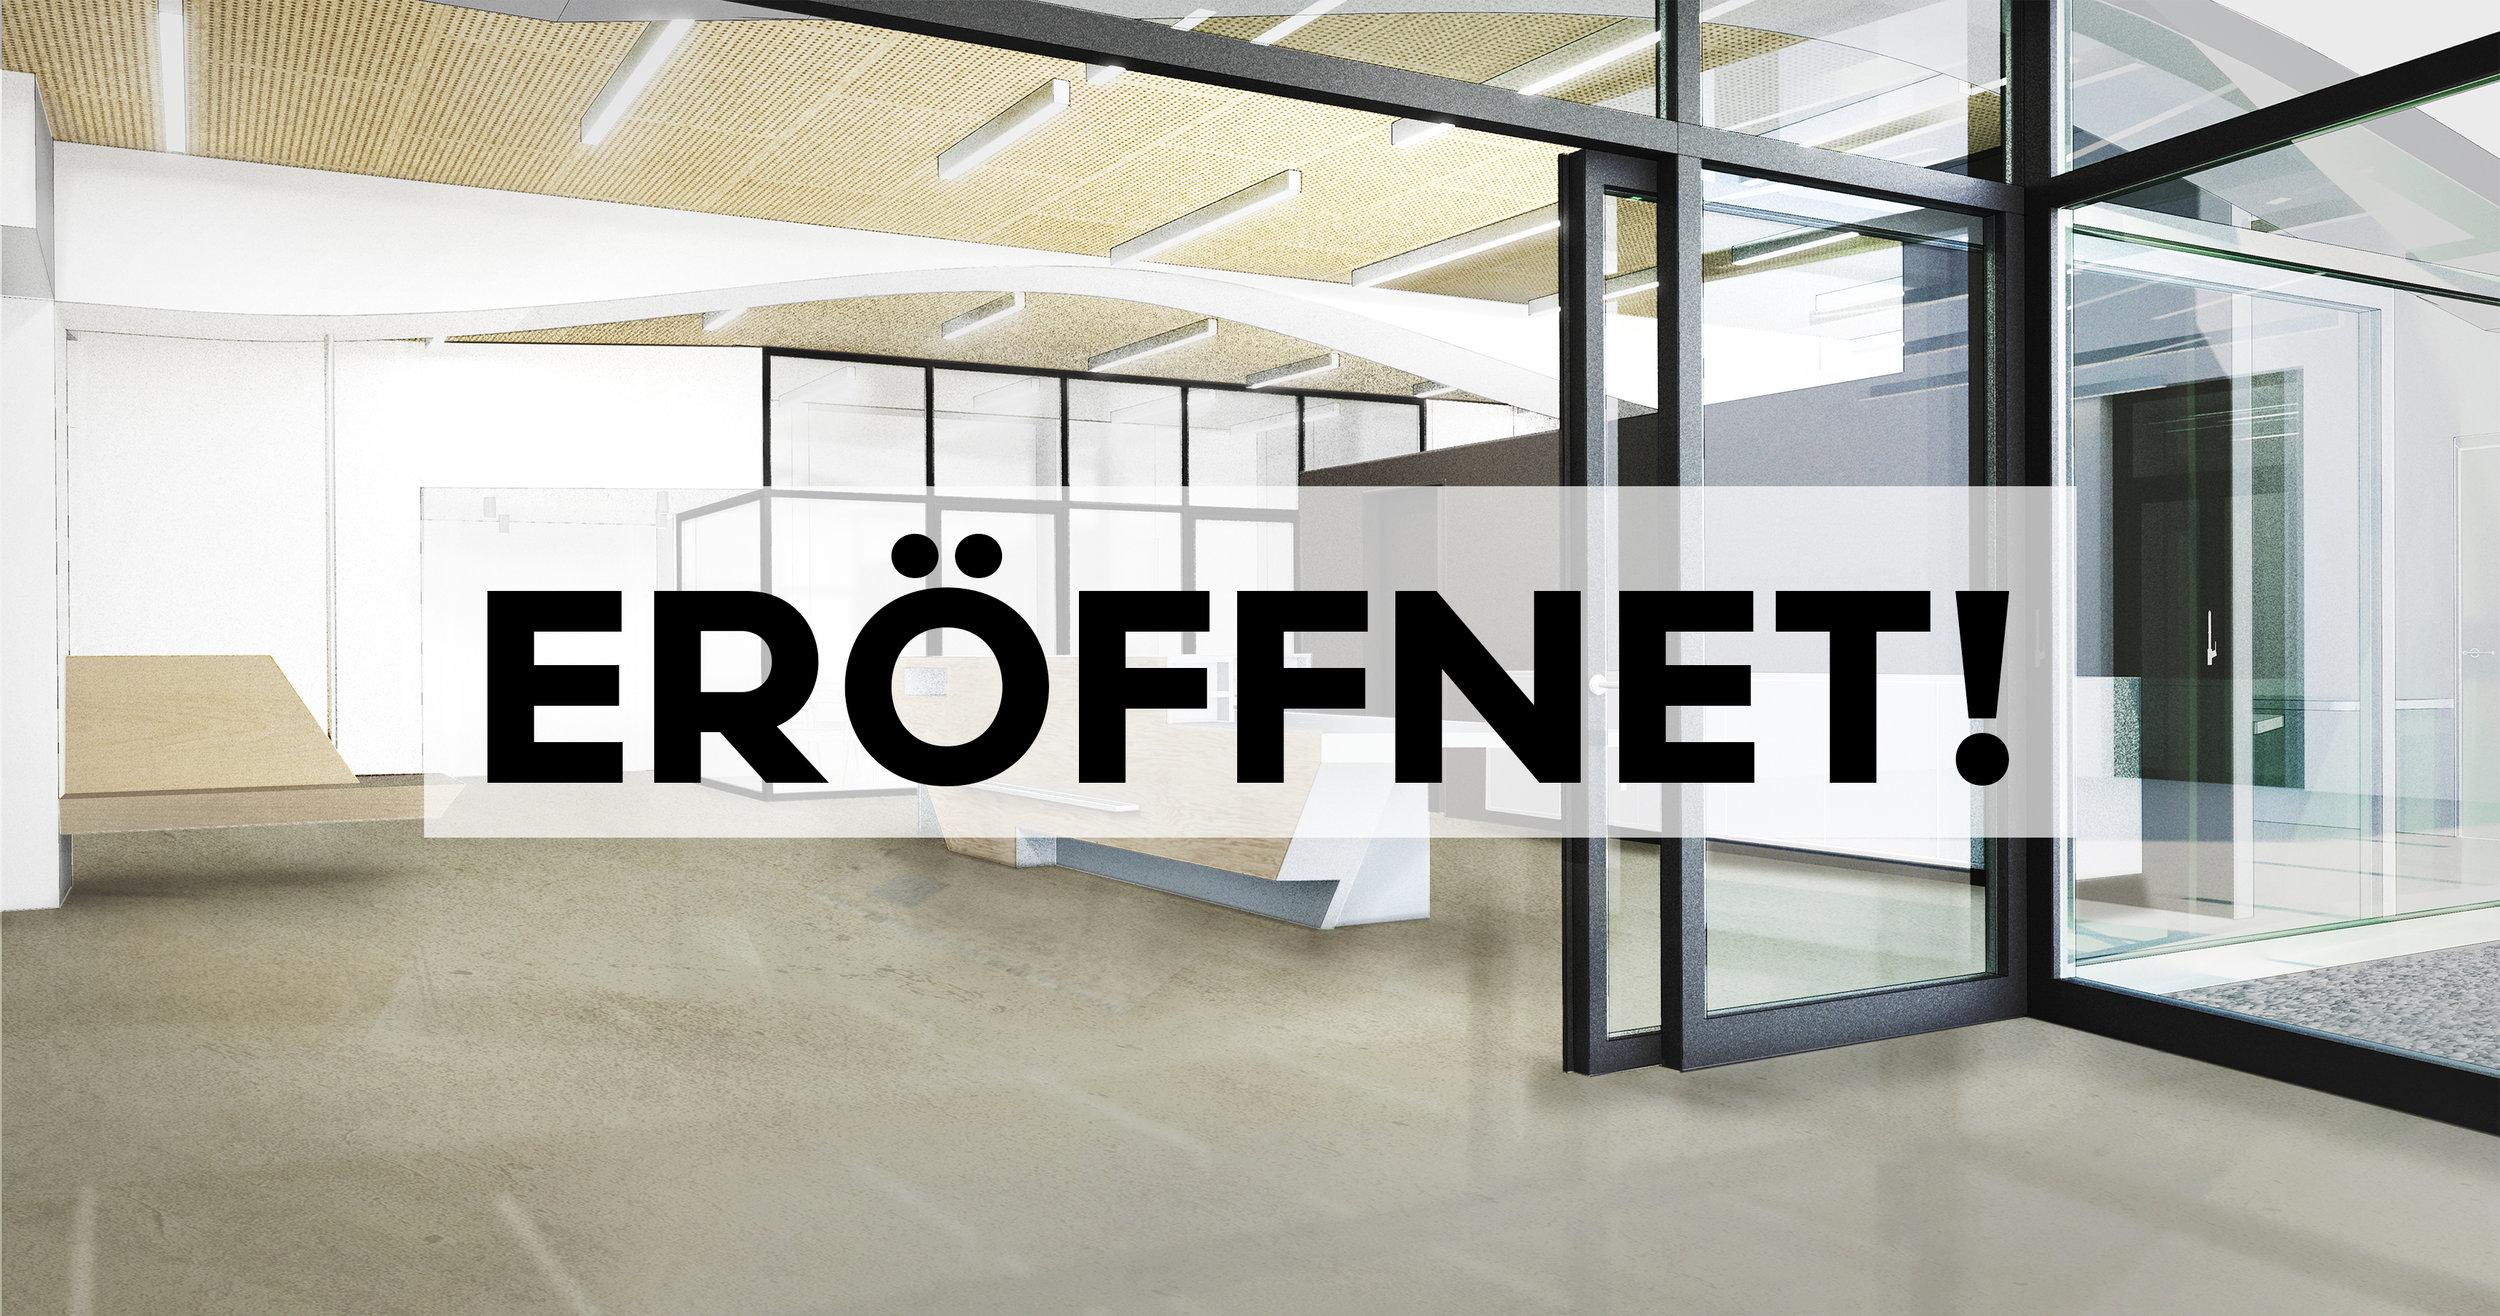 Maki-Ortner-Neunerhaus-Gesundheitszentrum-margaretenstraße-01-Eröffnet.jpg